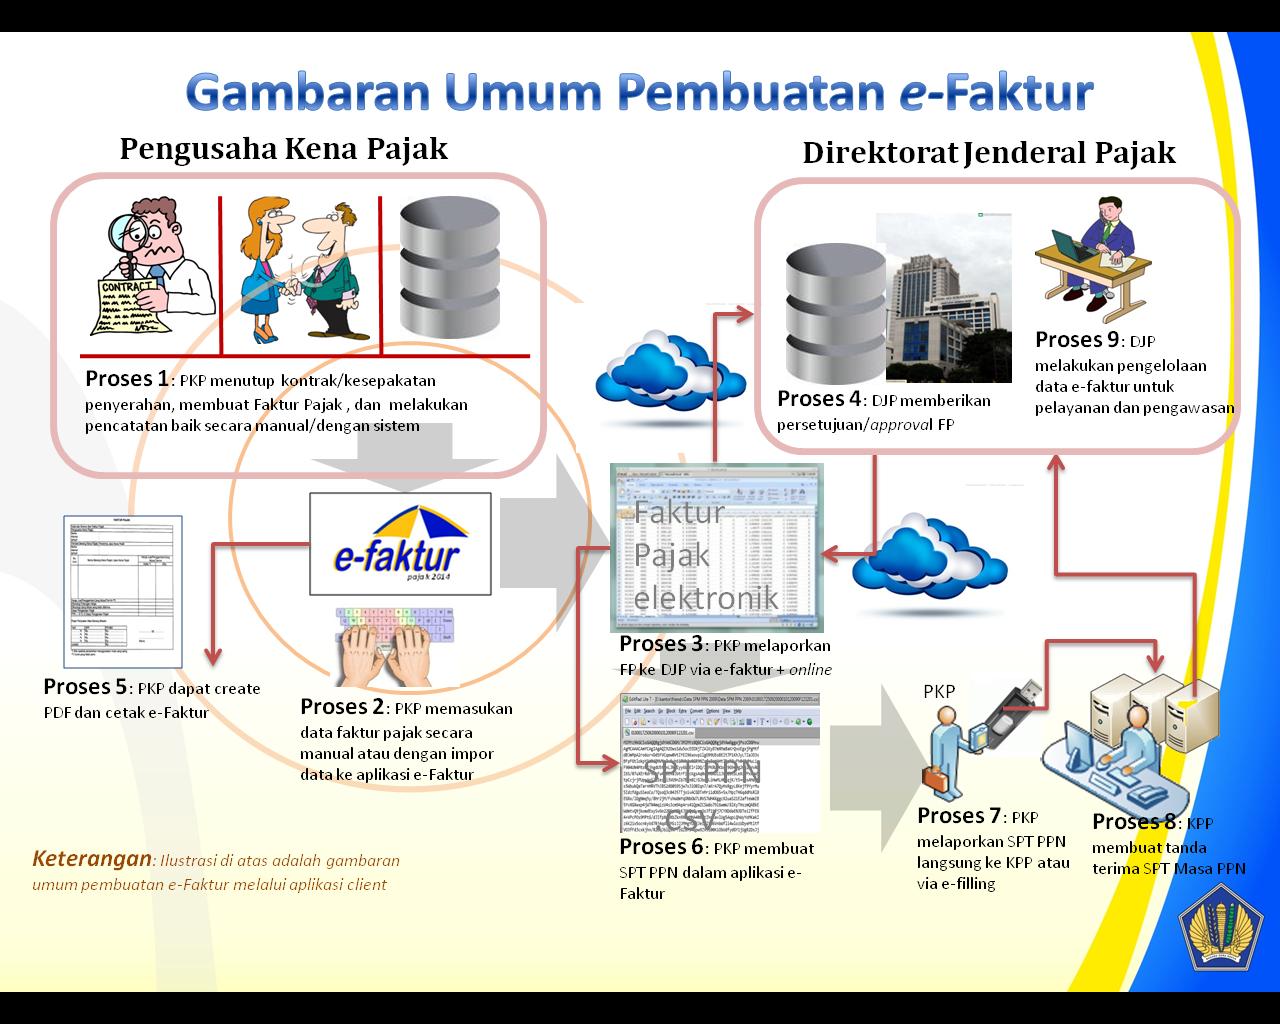 gambaran tahapan pembuatan e-faktur melalui aplikasi clien